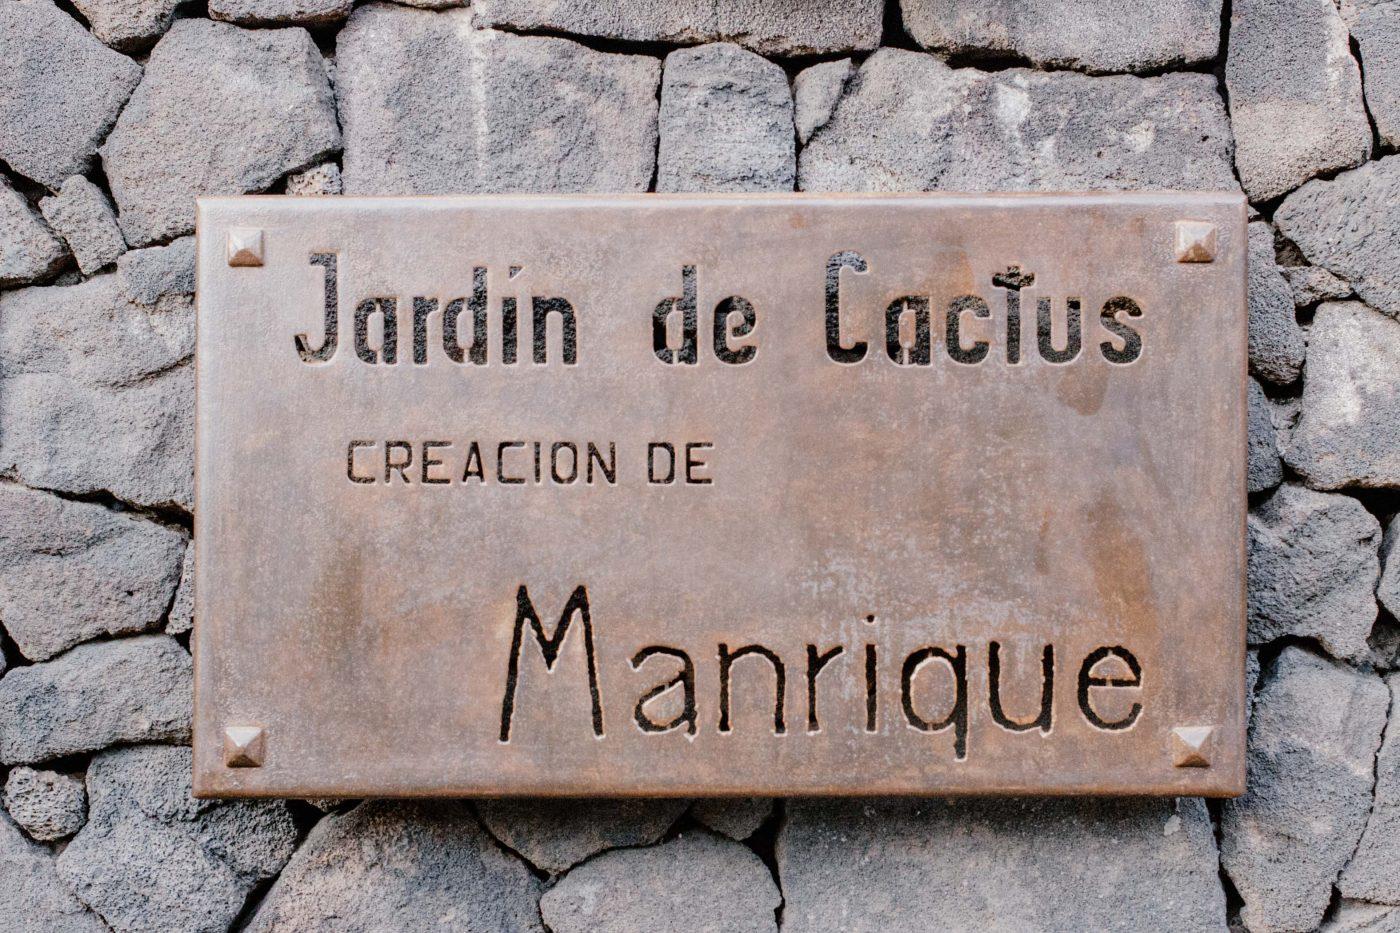 Le jardin de cactus | Voyager en van aux Canaries | Découvrir Lanzarote en famille en mode slowlife |  La mariée sous les étoiles